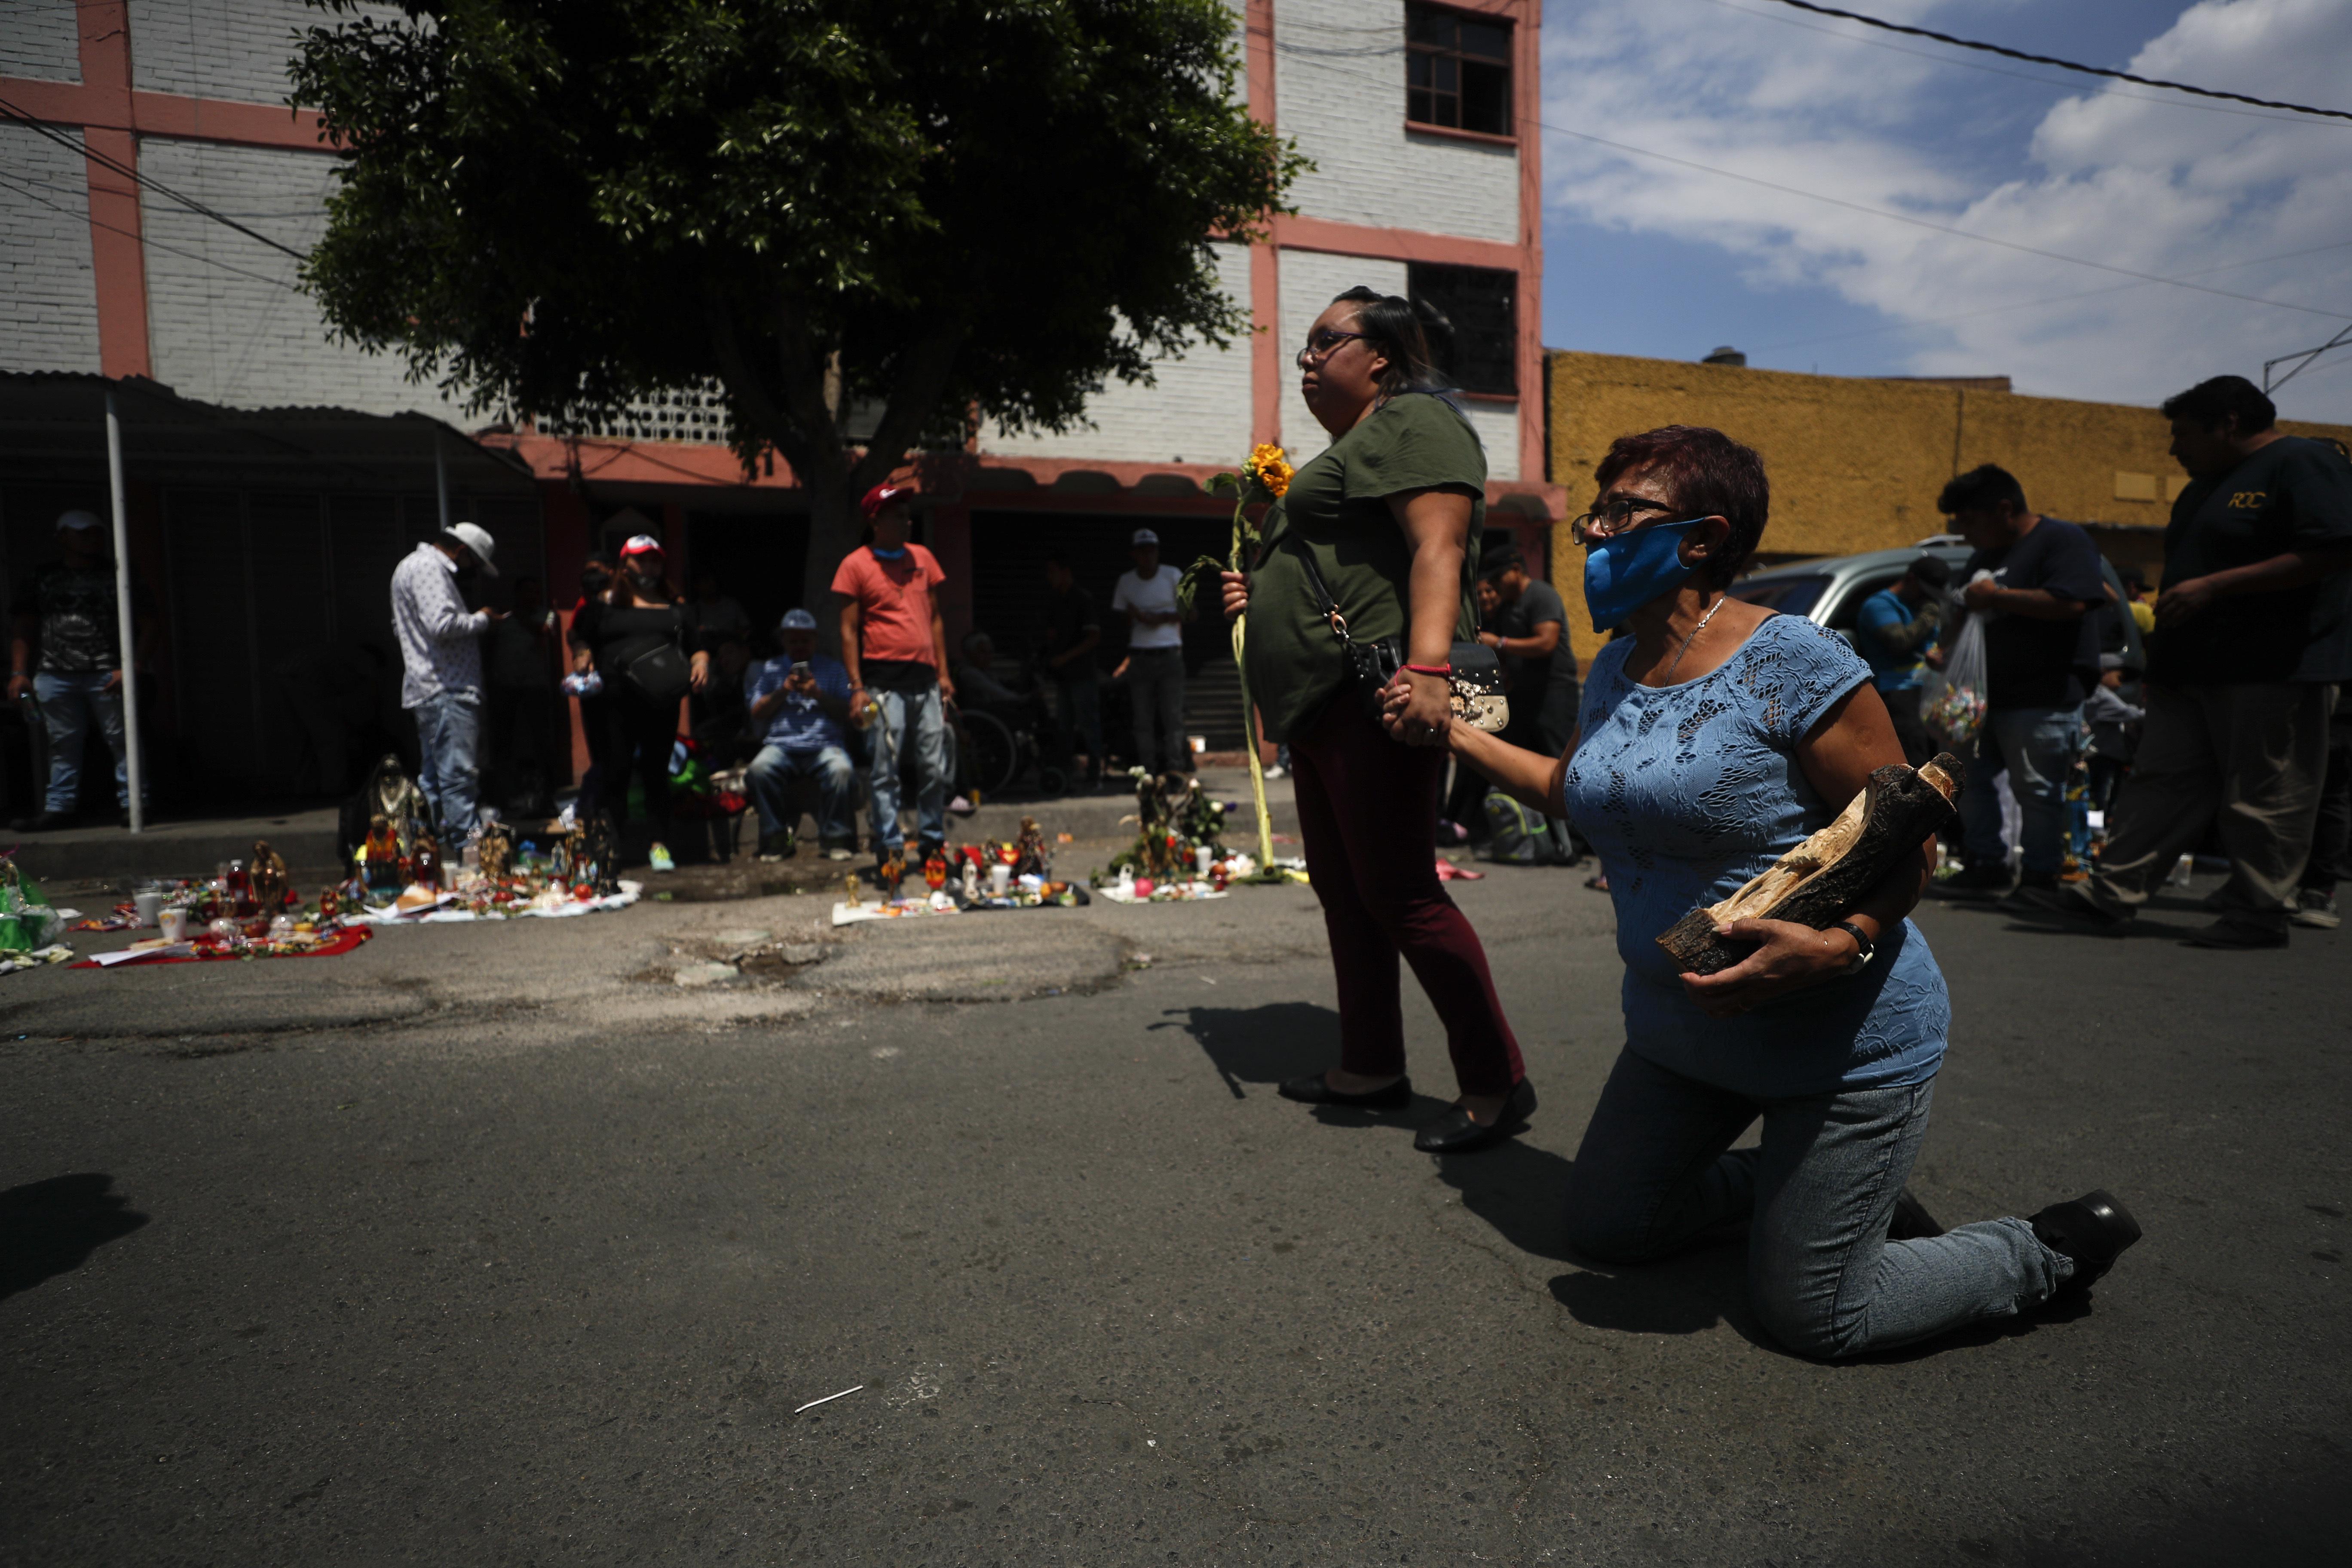 Un peregrino se dirige de rodillas hacia el altar de la Santa Muerteen el barrio de Tepito, Ciudad de México, el lunes 1 de junio de 2020. (Foto: AP / Rebecca Blackwell)